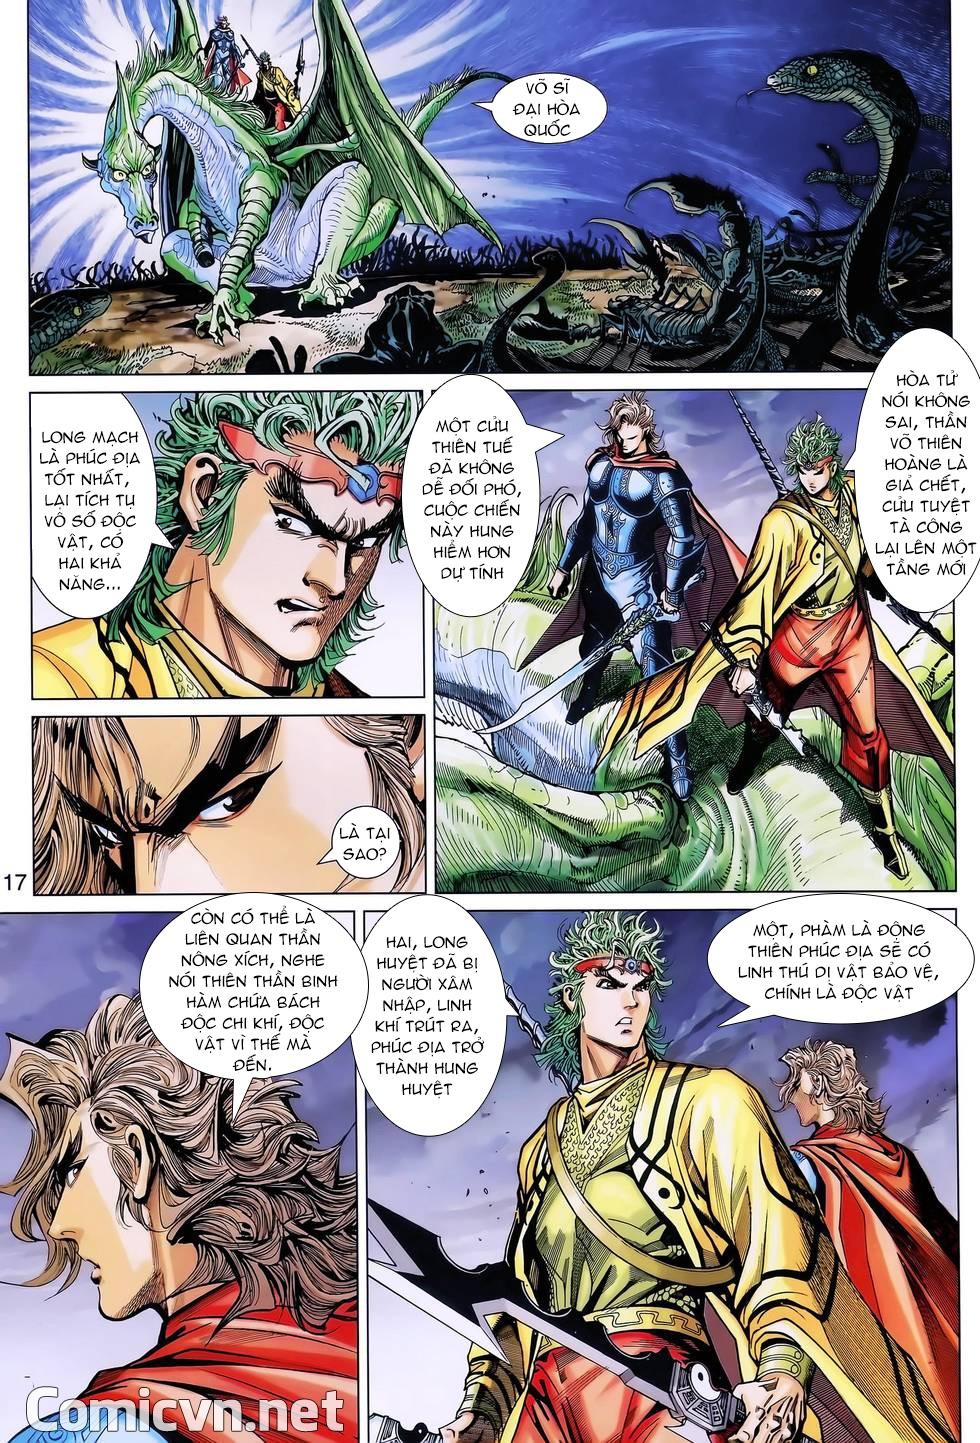 Thần binh huyền kỳ 3 - 3.5 tập 172 - 4